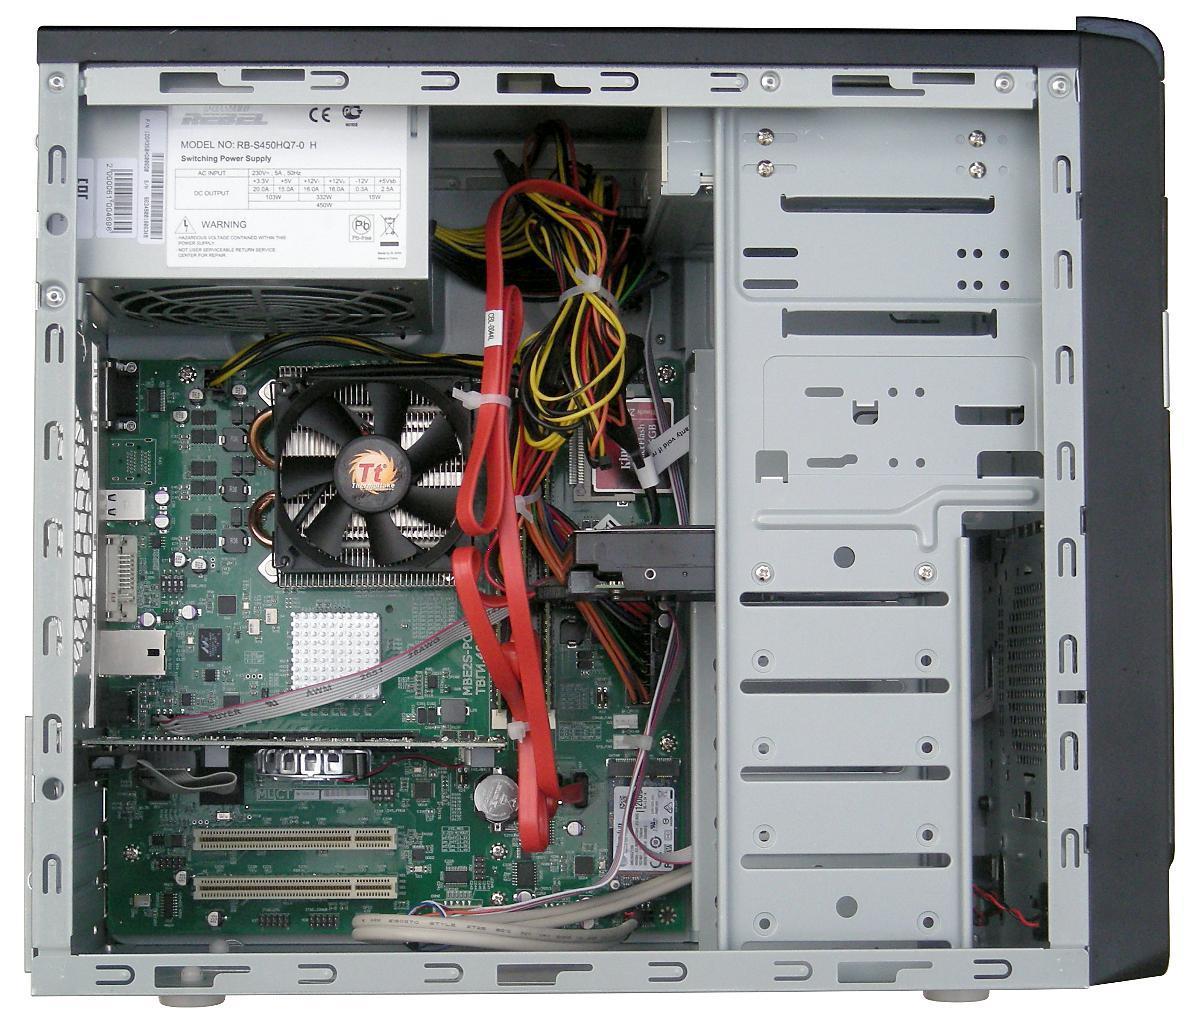 тона так компьютер изнутри фото электрические однобалочные